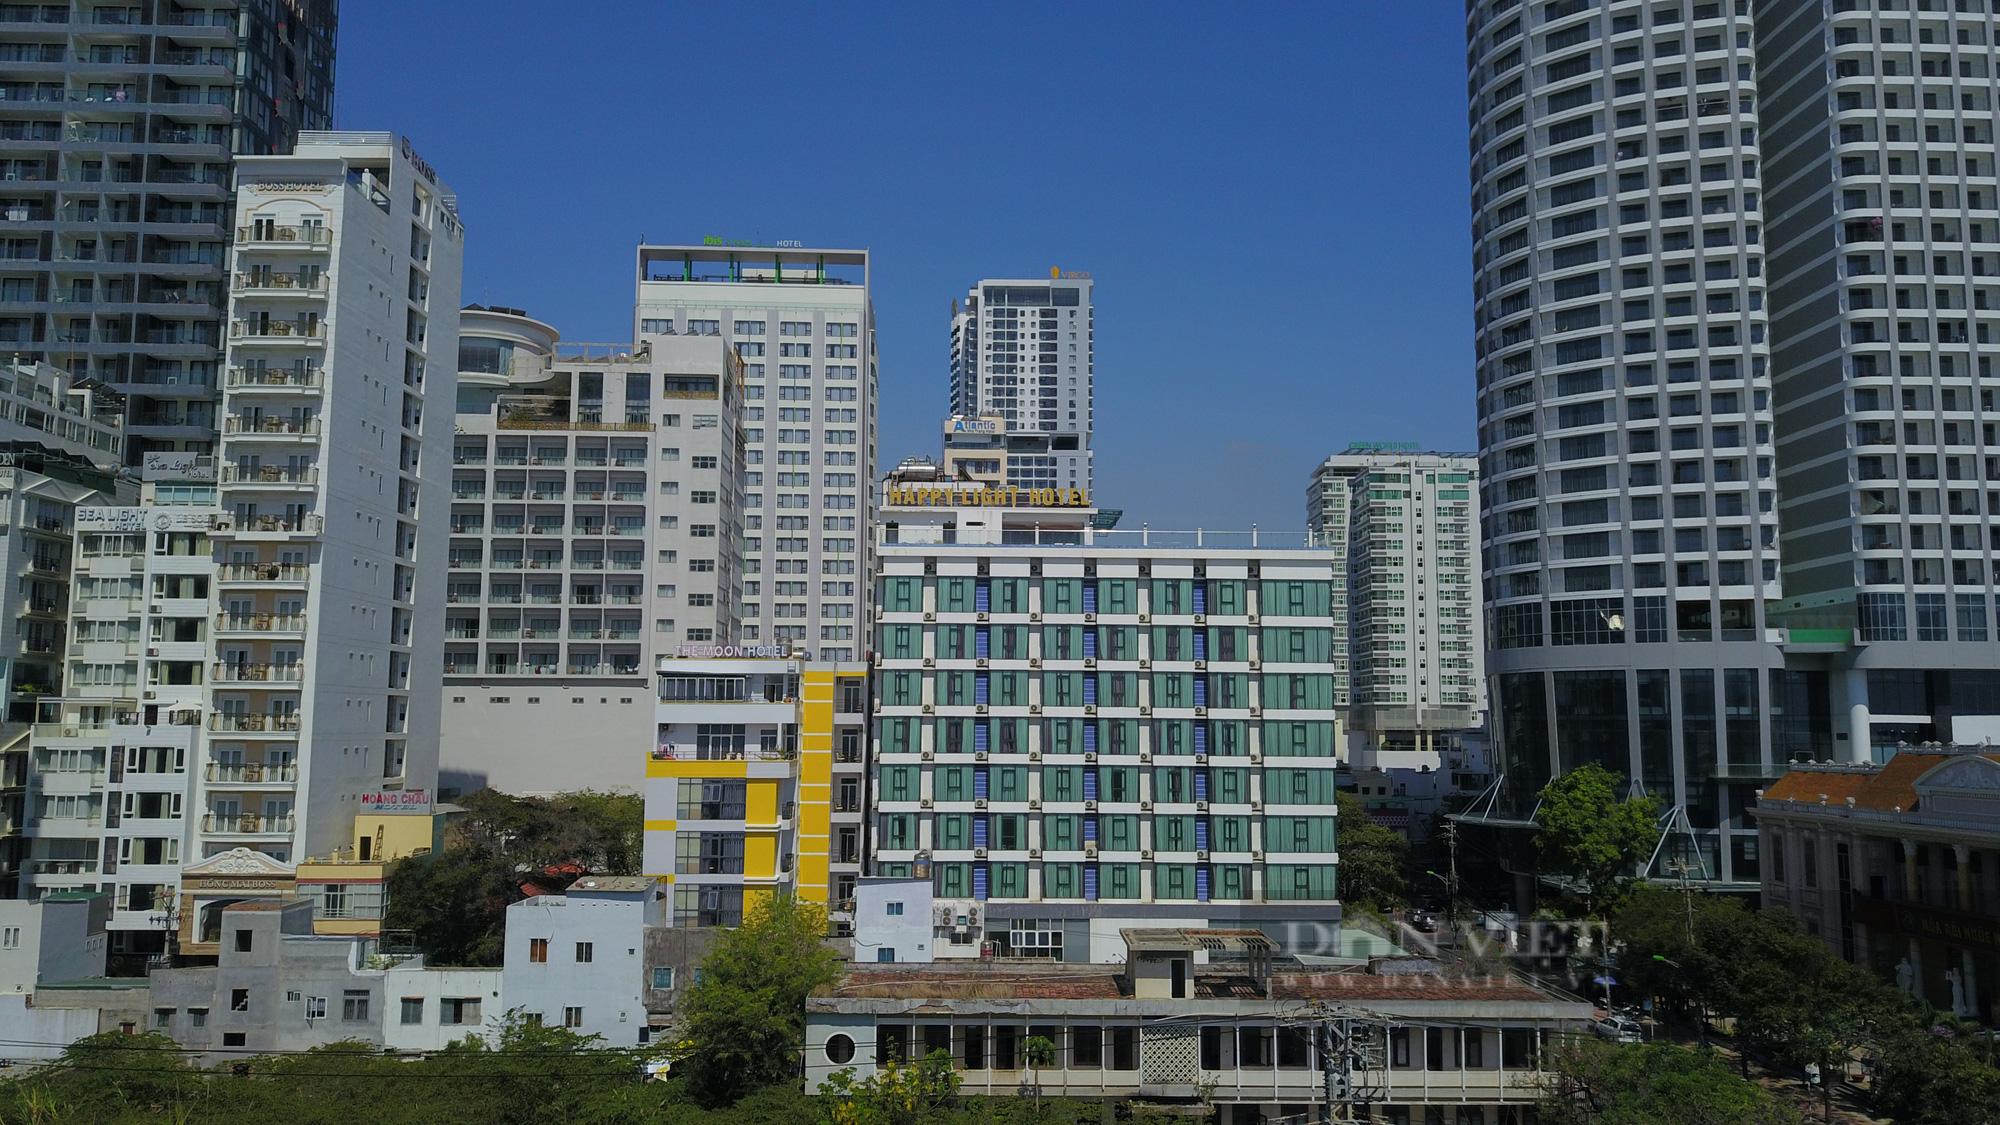 Thị trường bất động sản nghỉ dưỡng vẫn ảm đạm - Ảnh 3.